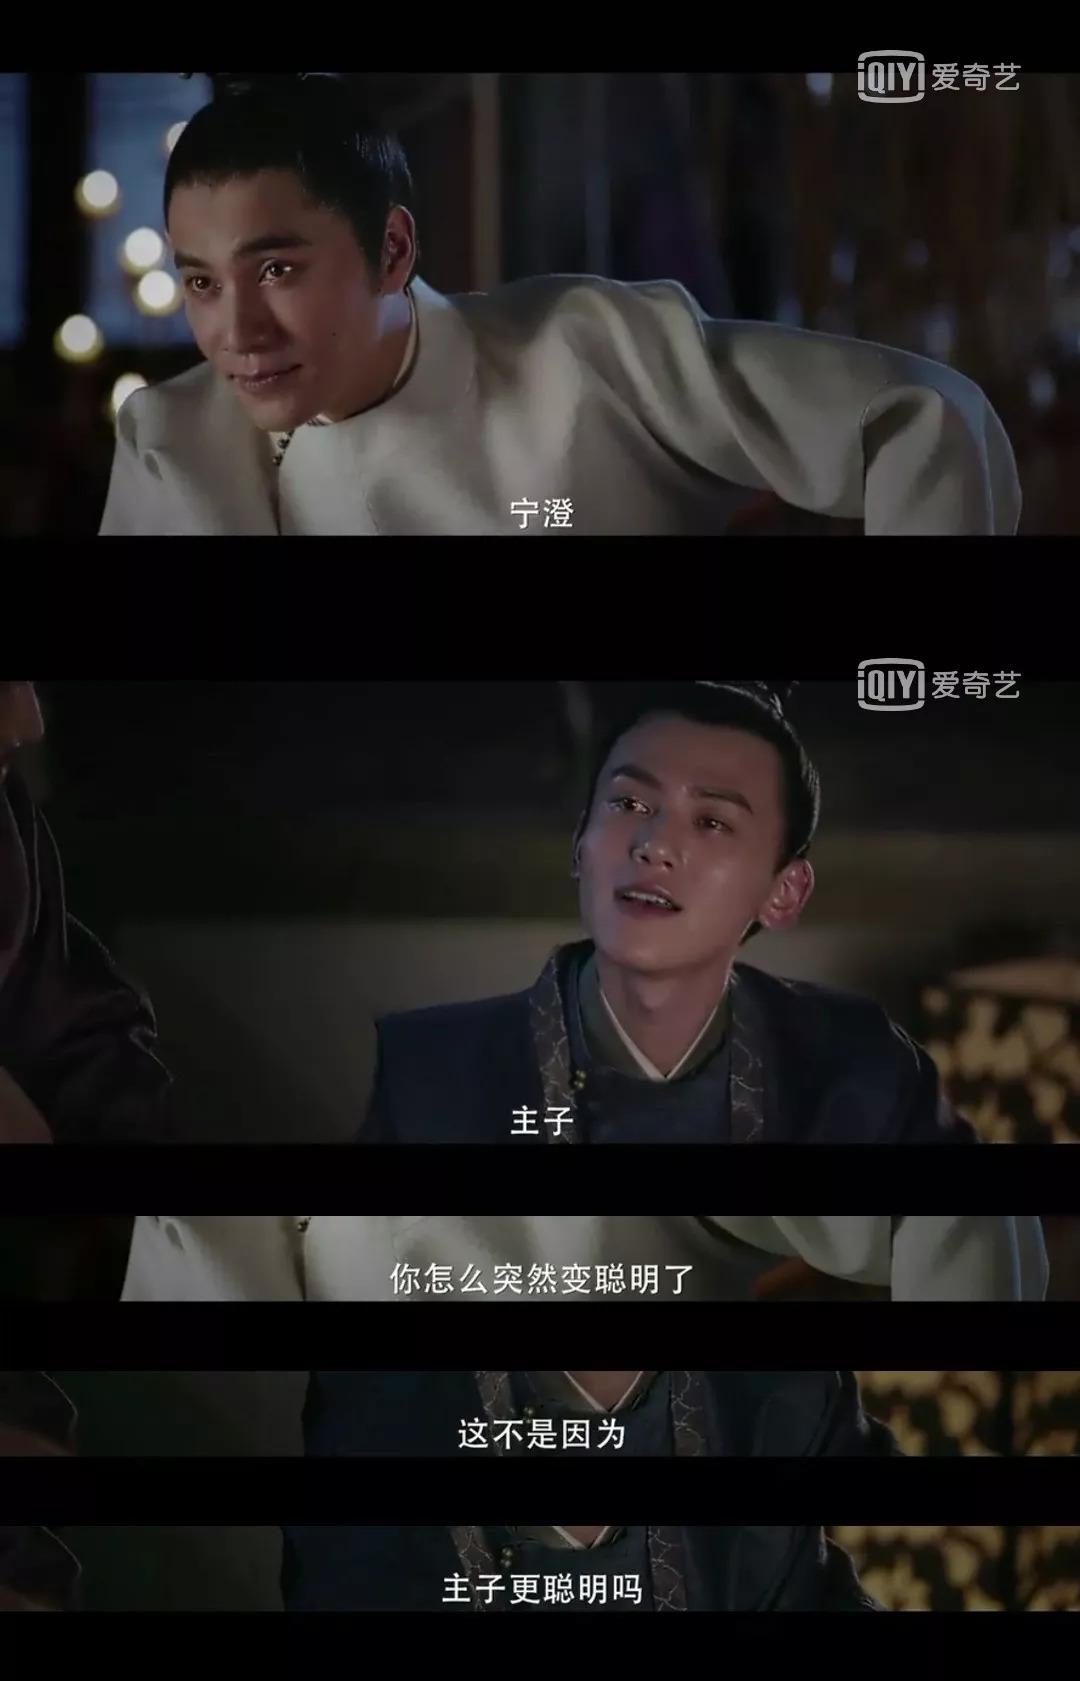 守护楚王陈坤的宁澄也是个宝石男孩 自带旺仔牛奶肌的